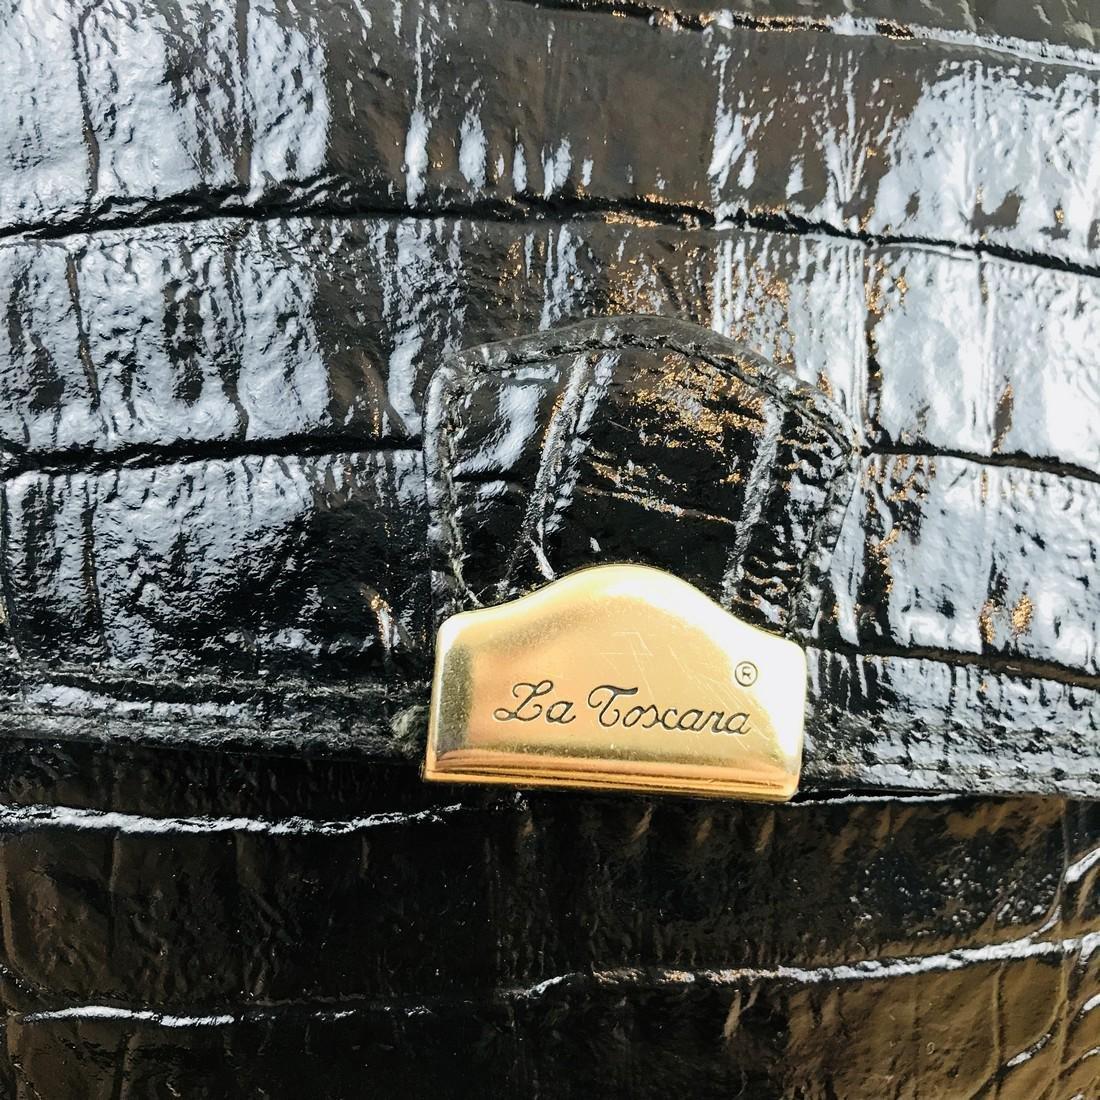 Vintage Handmade Alligator Leather Immitation Small - 3